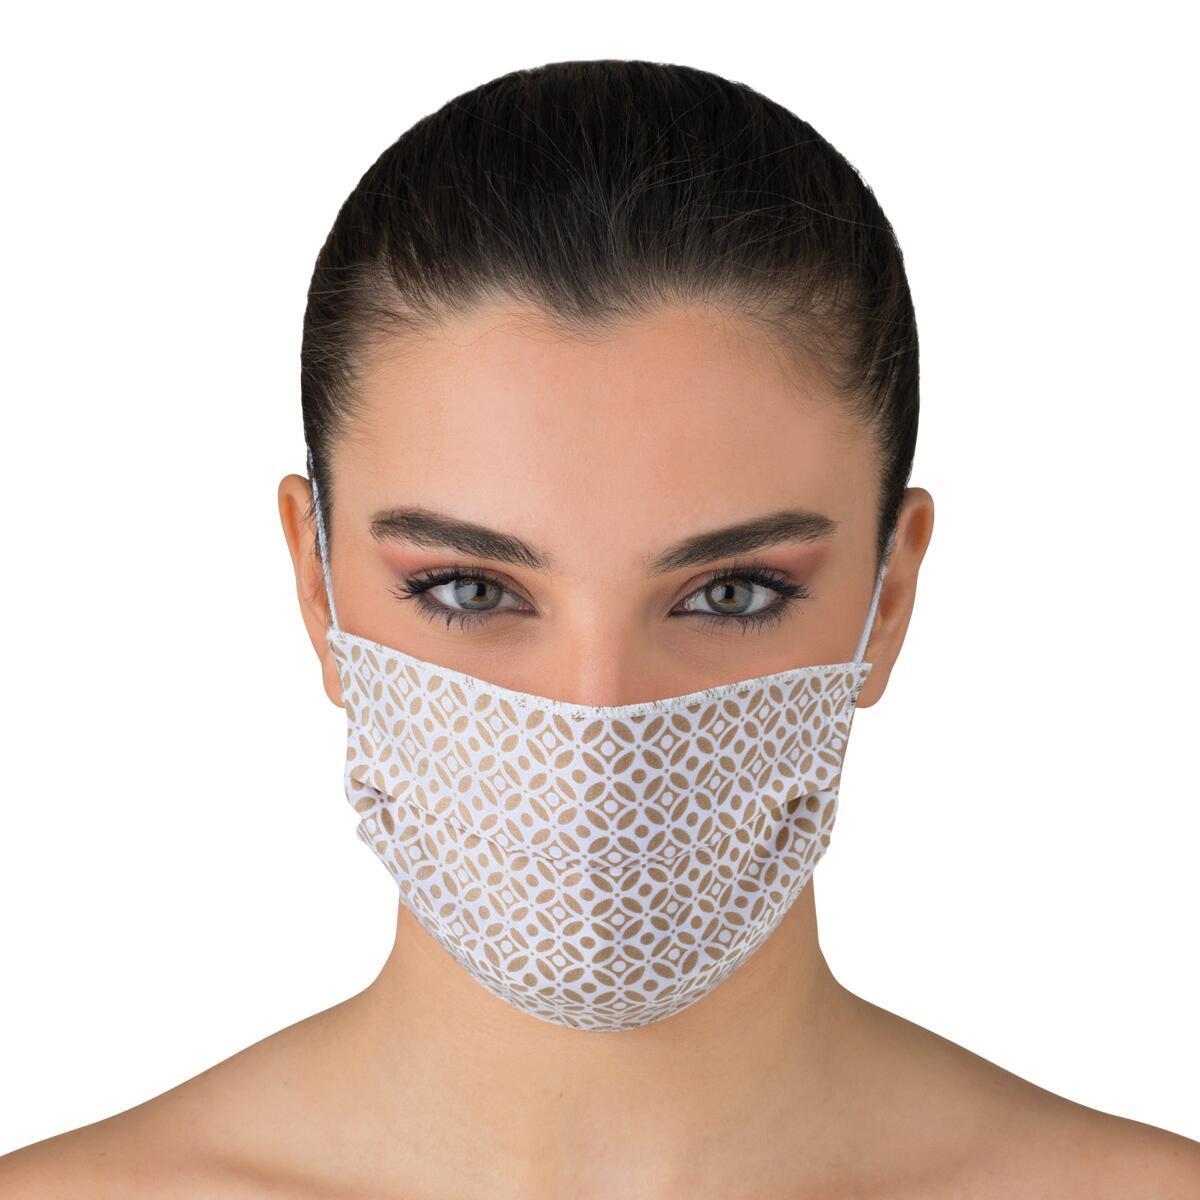 Maschera in tessuto lavabile per utilizzo non sanitario Buondì 2 pezzi - 2